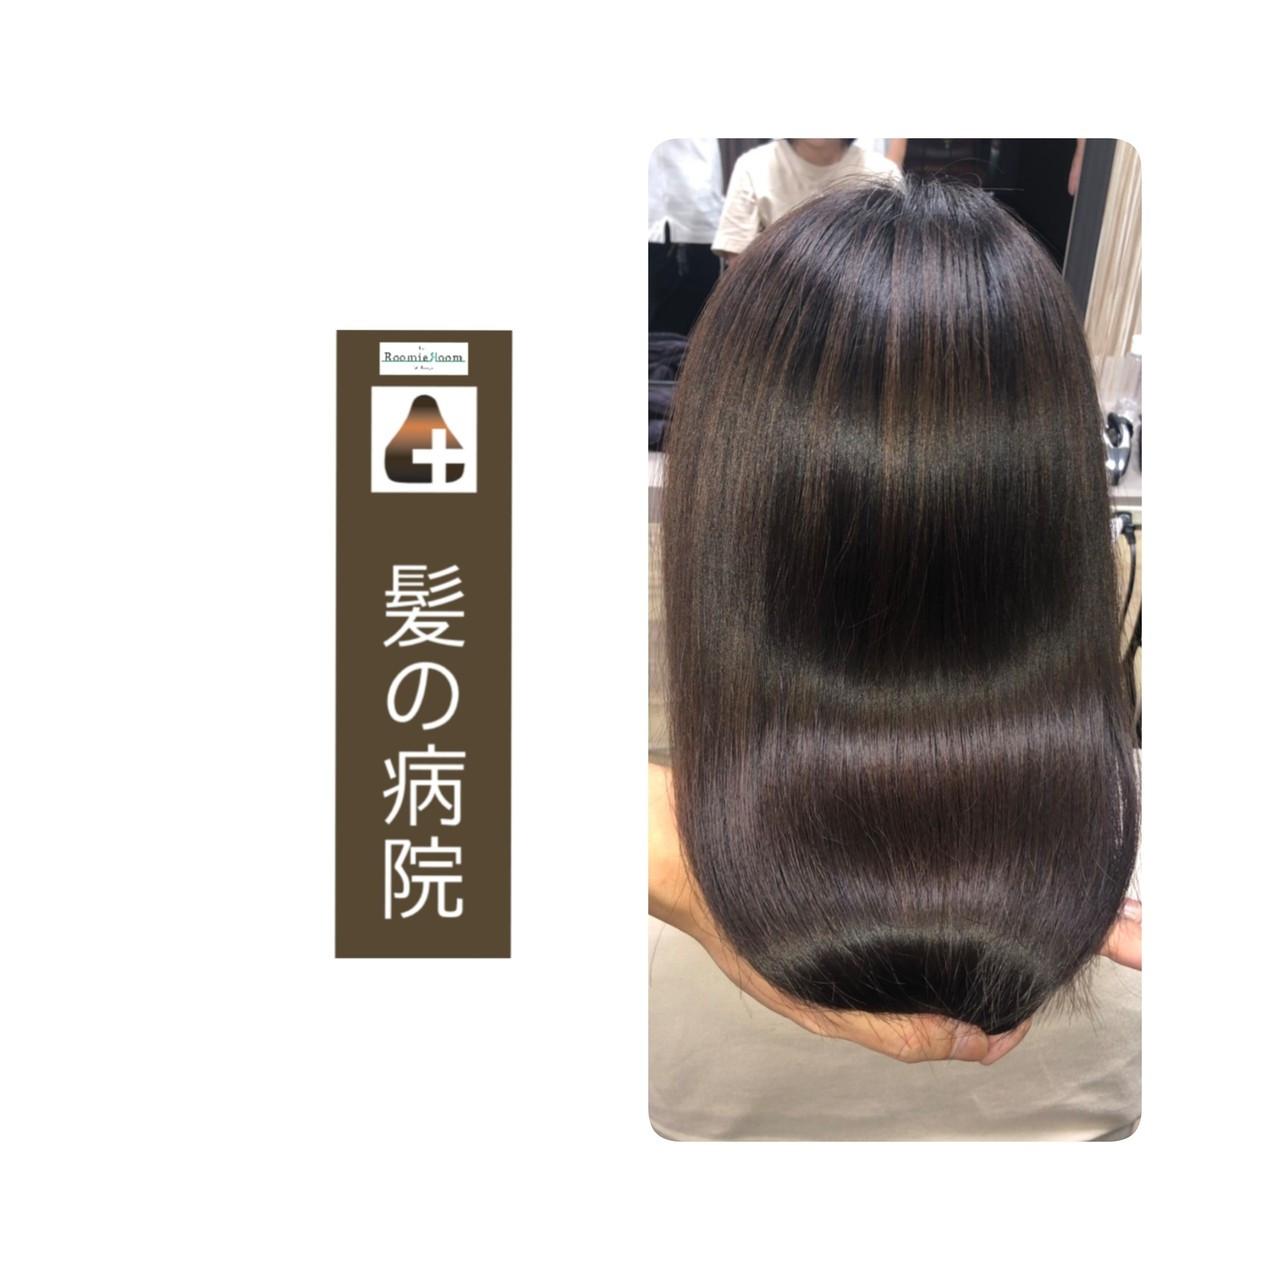 トリートメント 髪の病院 名古屋市守山区 ロング ヘアスタイルや髪型の写真・画像